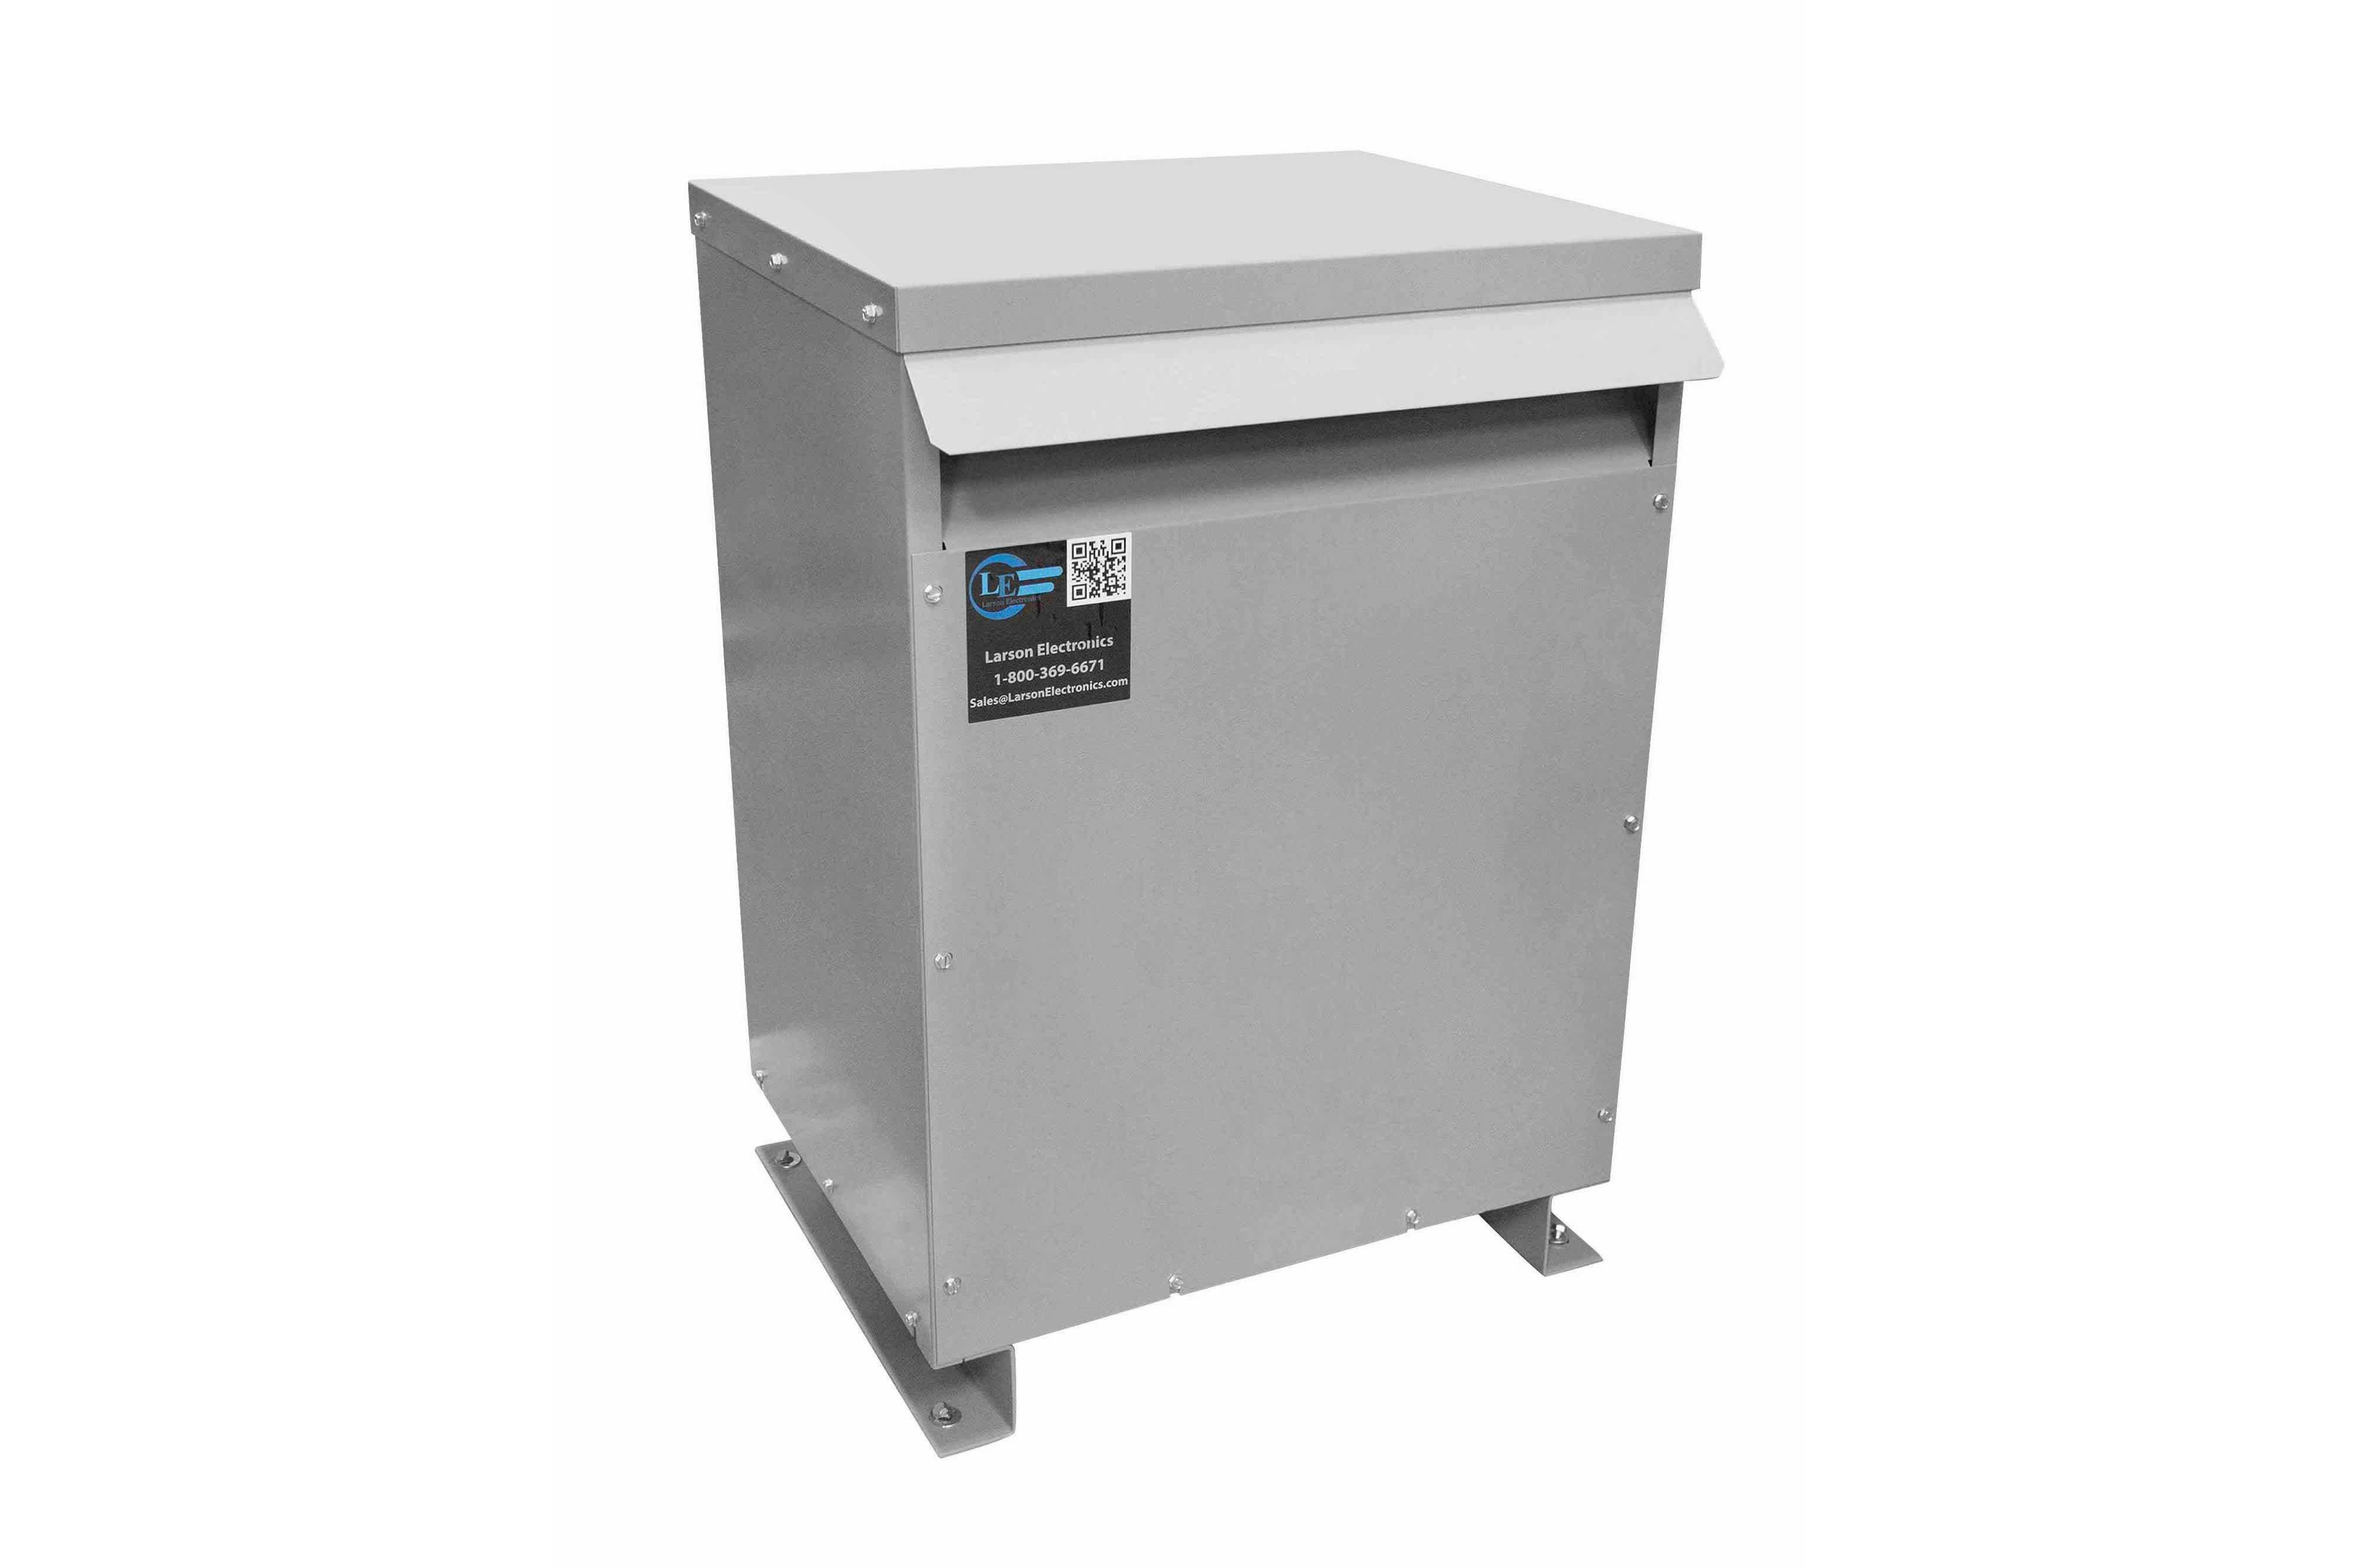 100 kVA 3PH Isolation Transformer, 240V Delta Primary, 480V Delta Secondary, N3R, Ventilated, 60 Hz